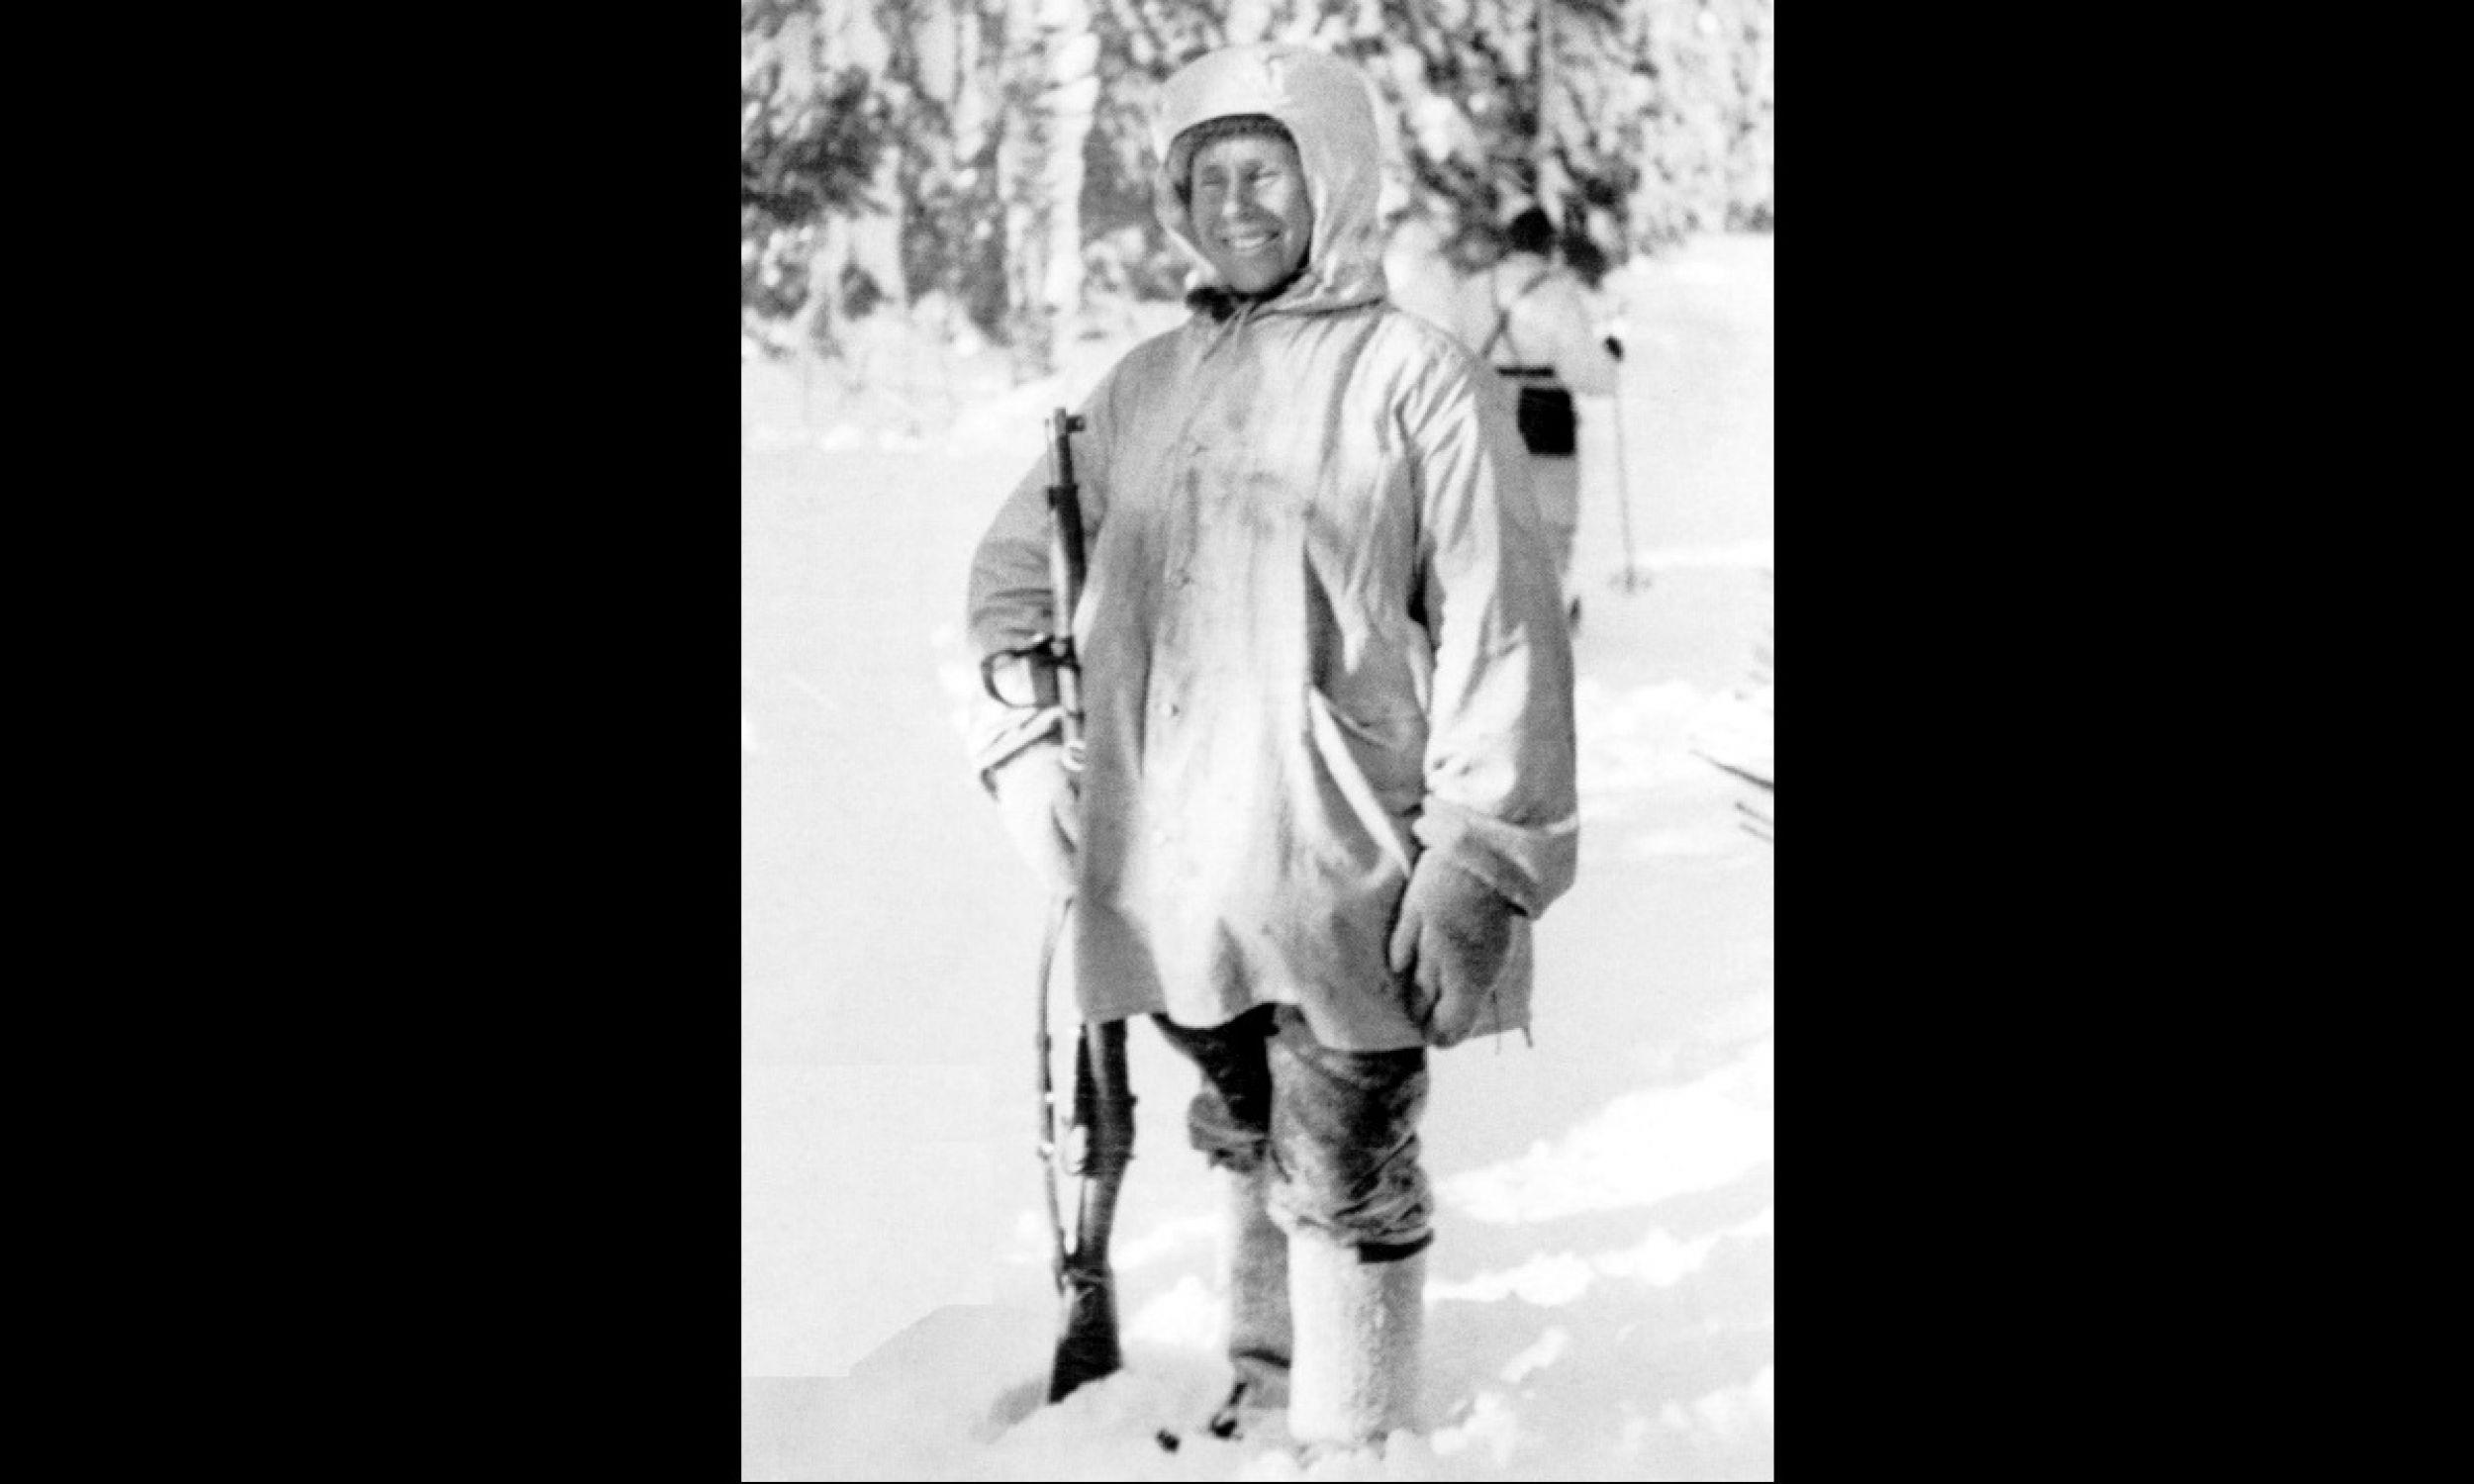 """Simo Häyhä, ps. Biała Śmierć, z fińskim wariantem karabinu wyborowego Mosin M28. Pytany po wojnie o swą skuteczność i rekord ponad 505 zabitych wrogów odparł: """"Robiłem co mi kazano – najlepiej, jak mogłem"""". Zmarł w 2002 r. Fot. Wikimedia Commons / Finnish Military Archives - Tapio A.M. Saarelainen:"""